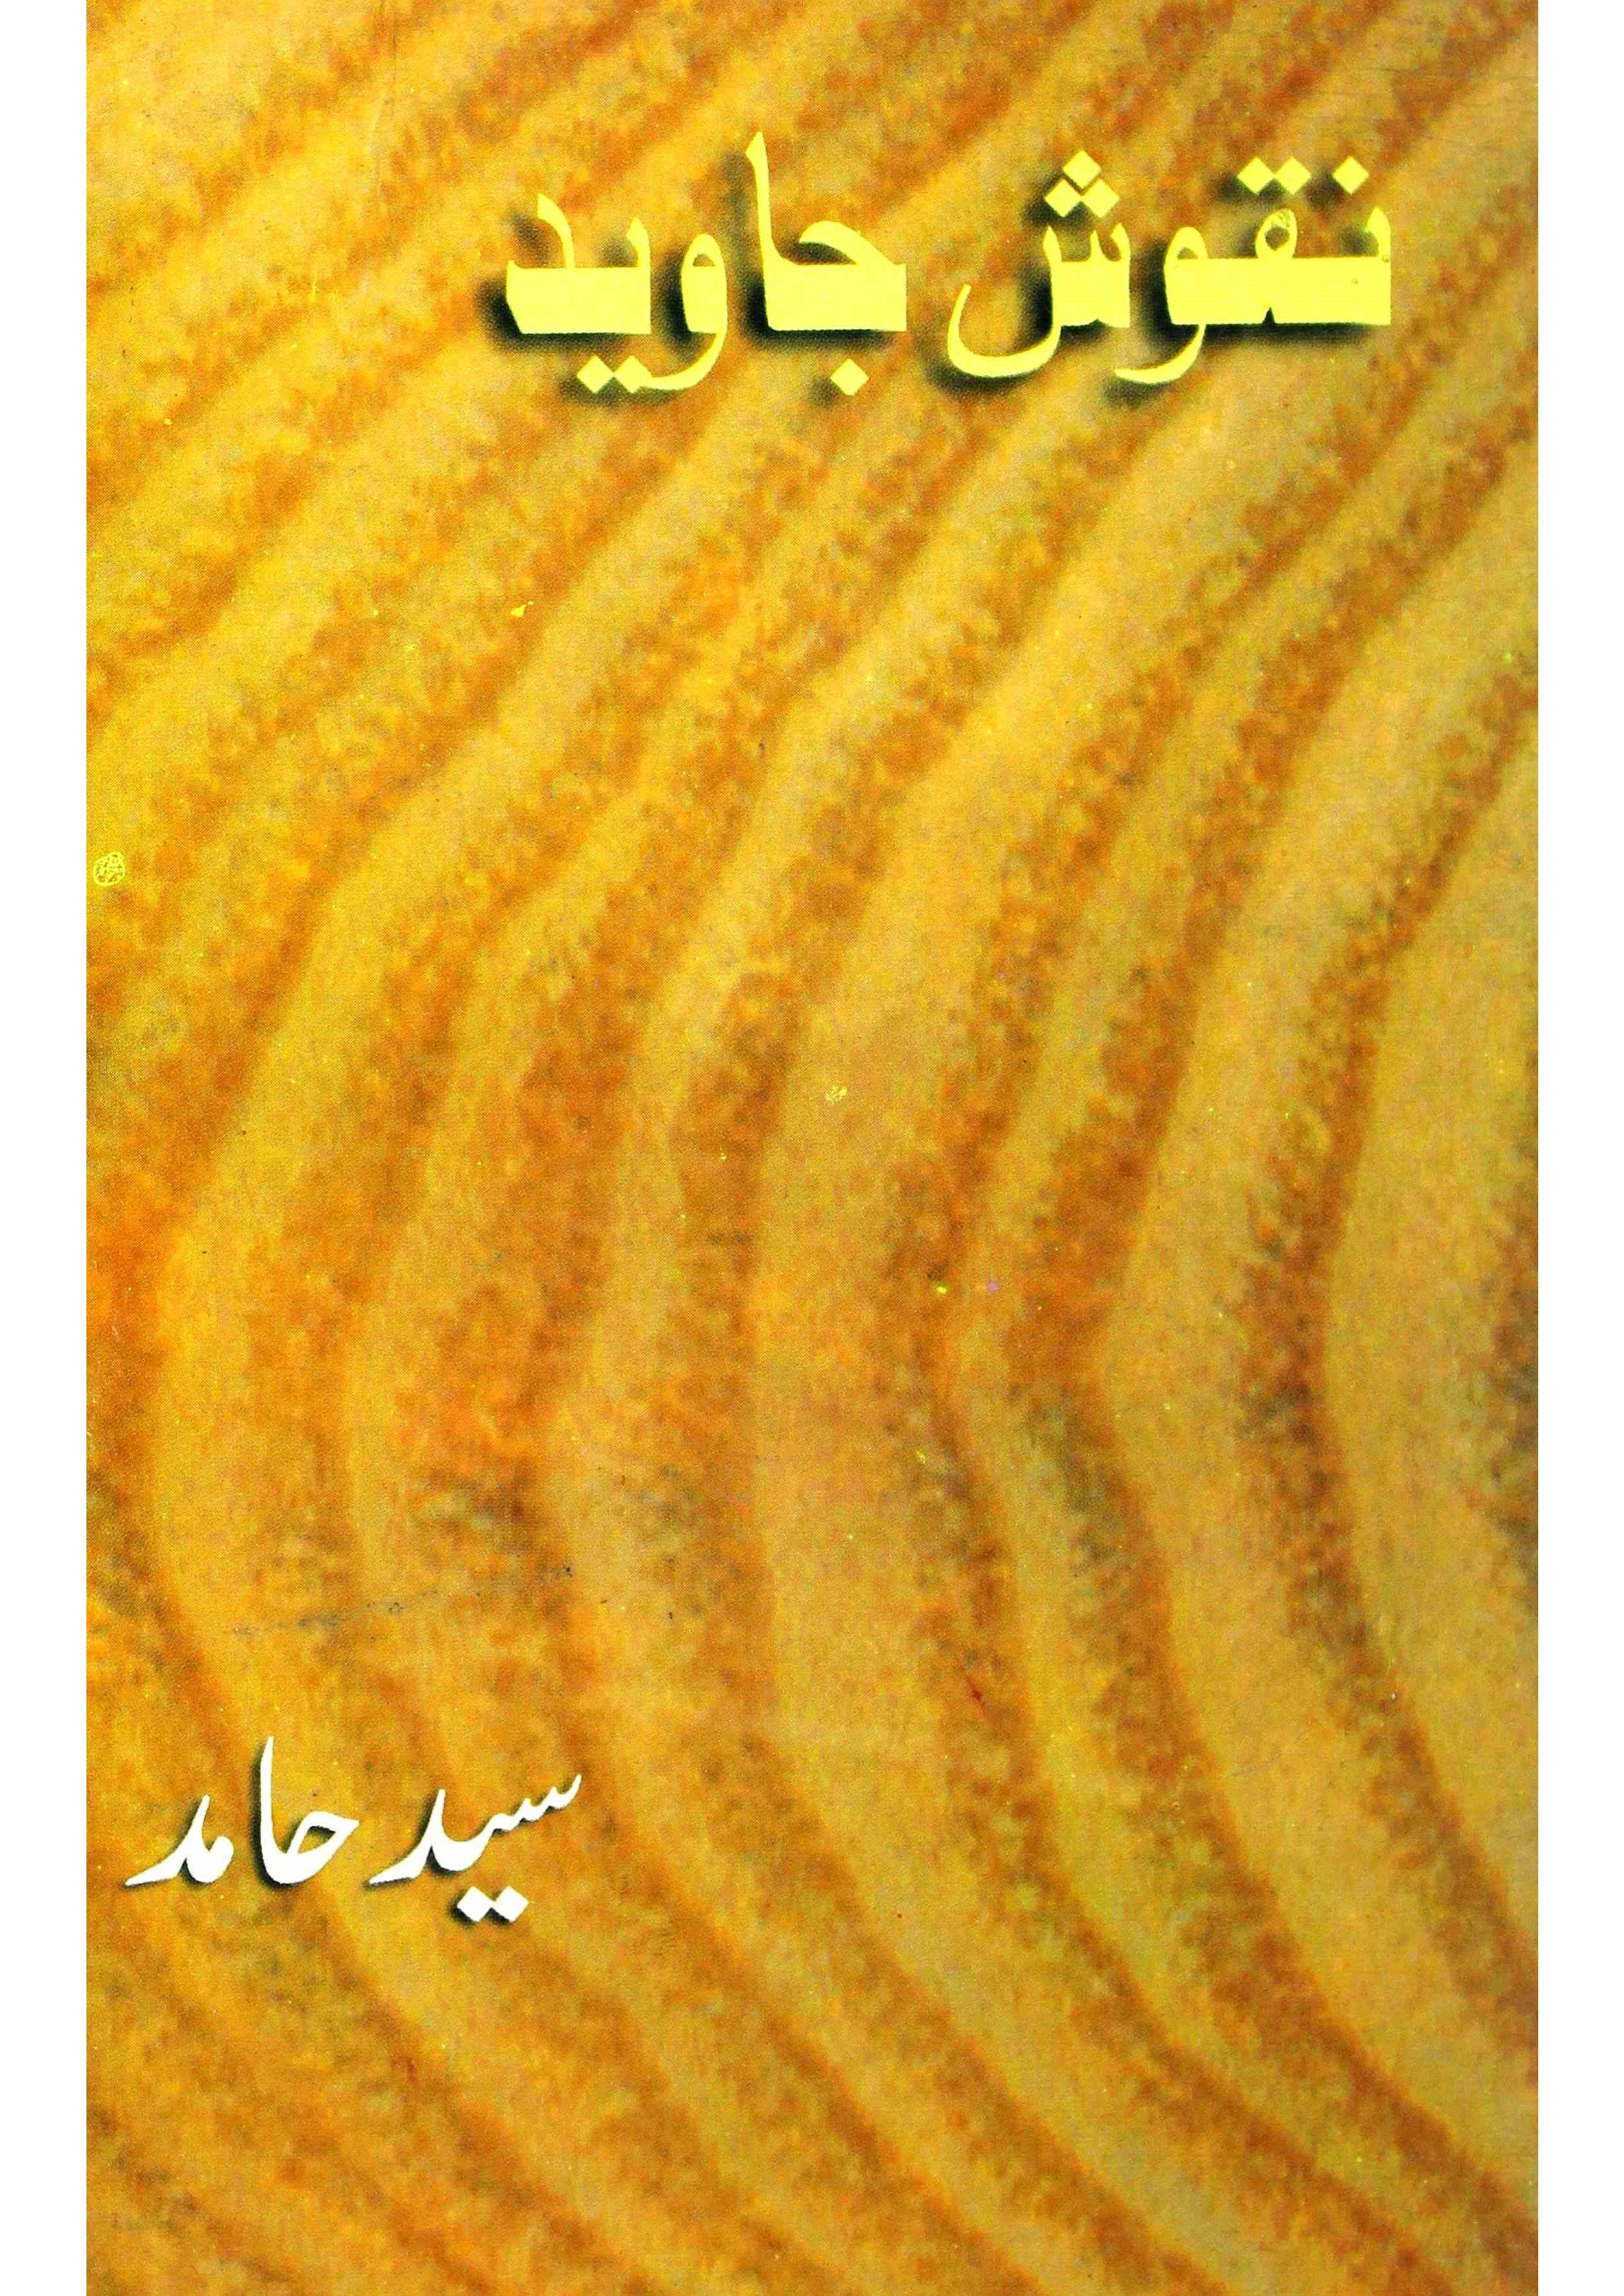 Nuqoosh-e-Javed